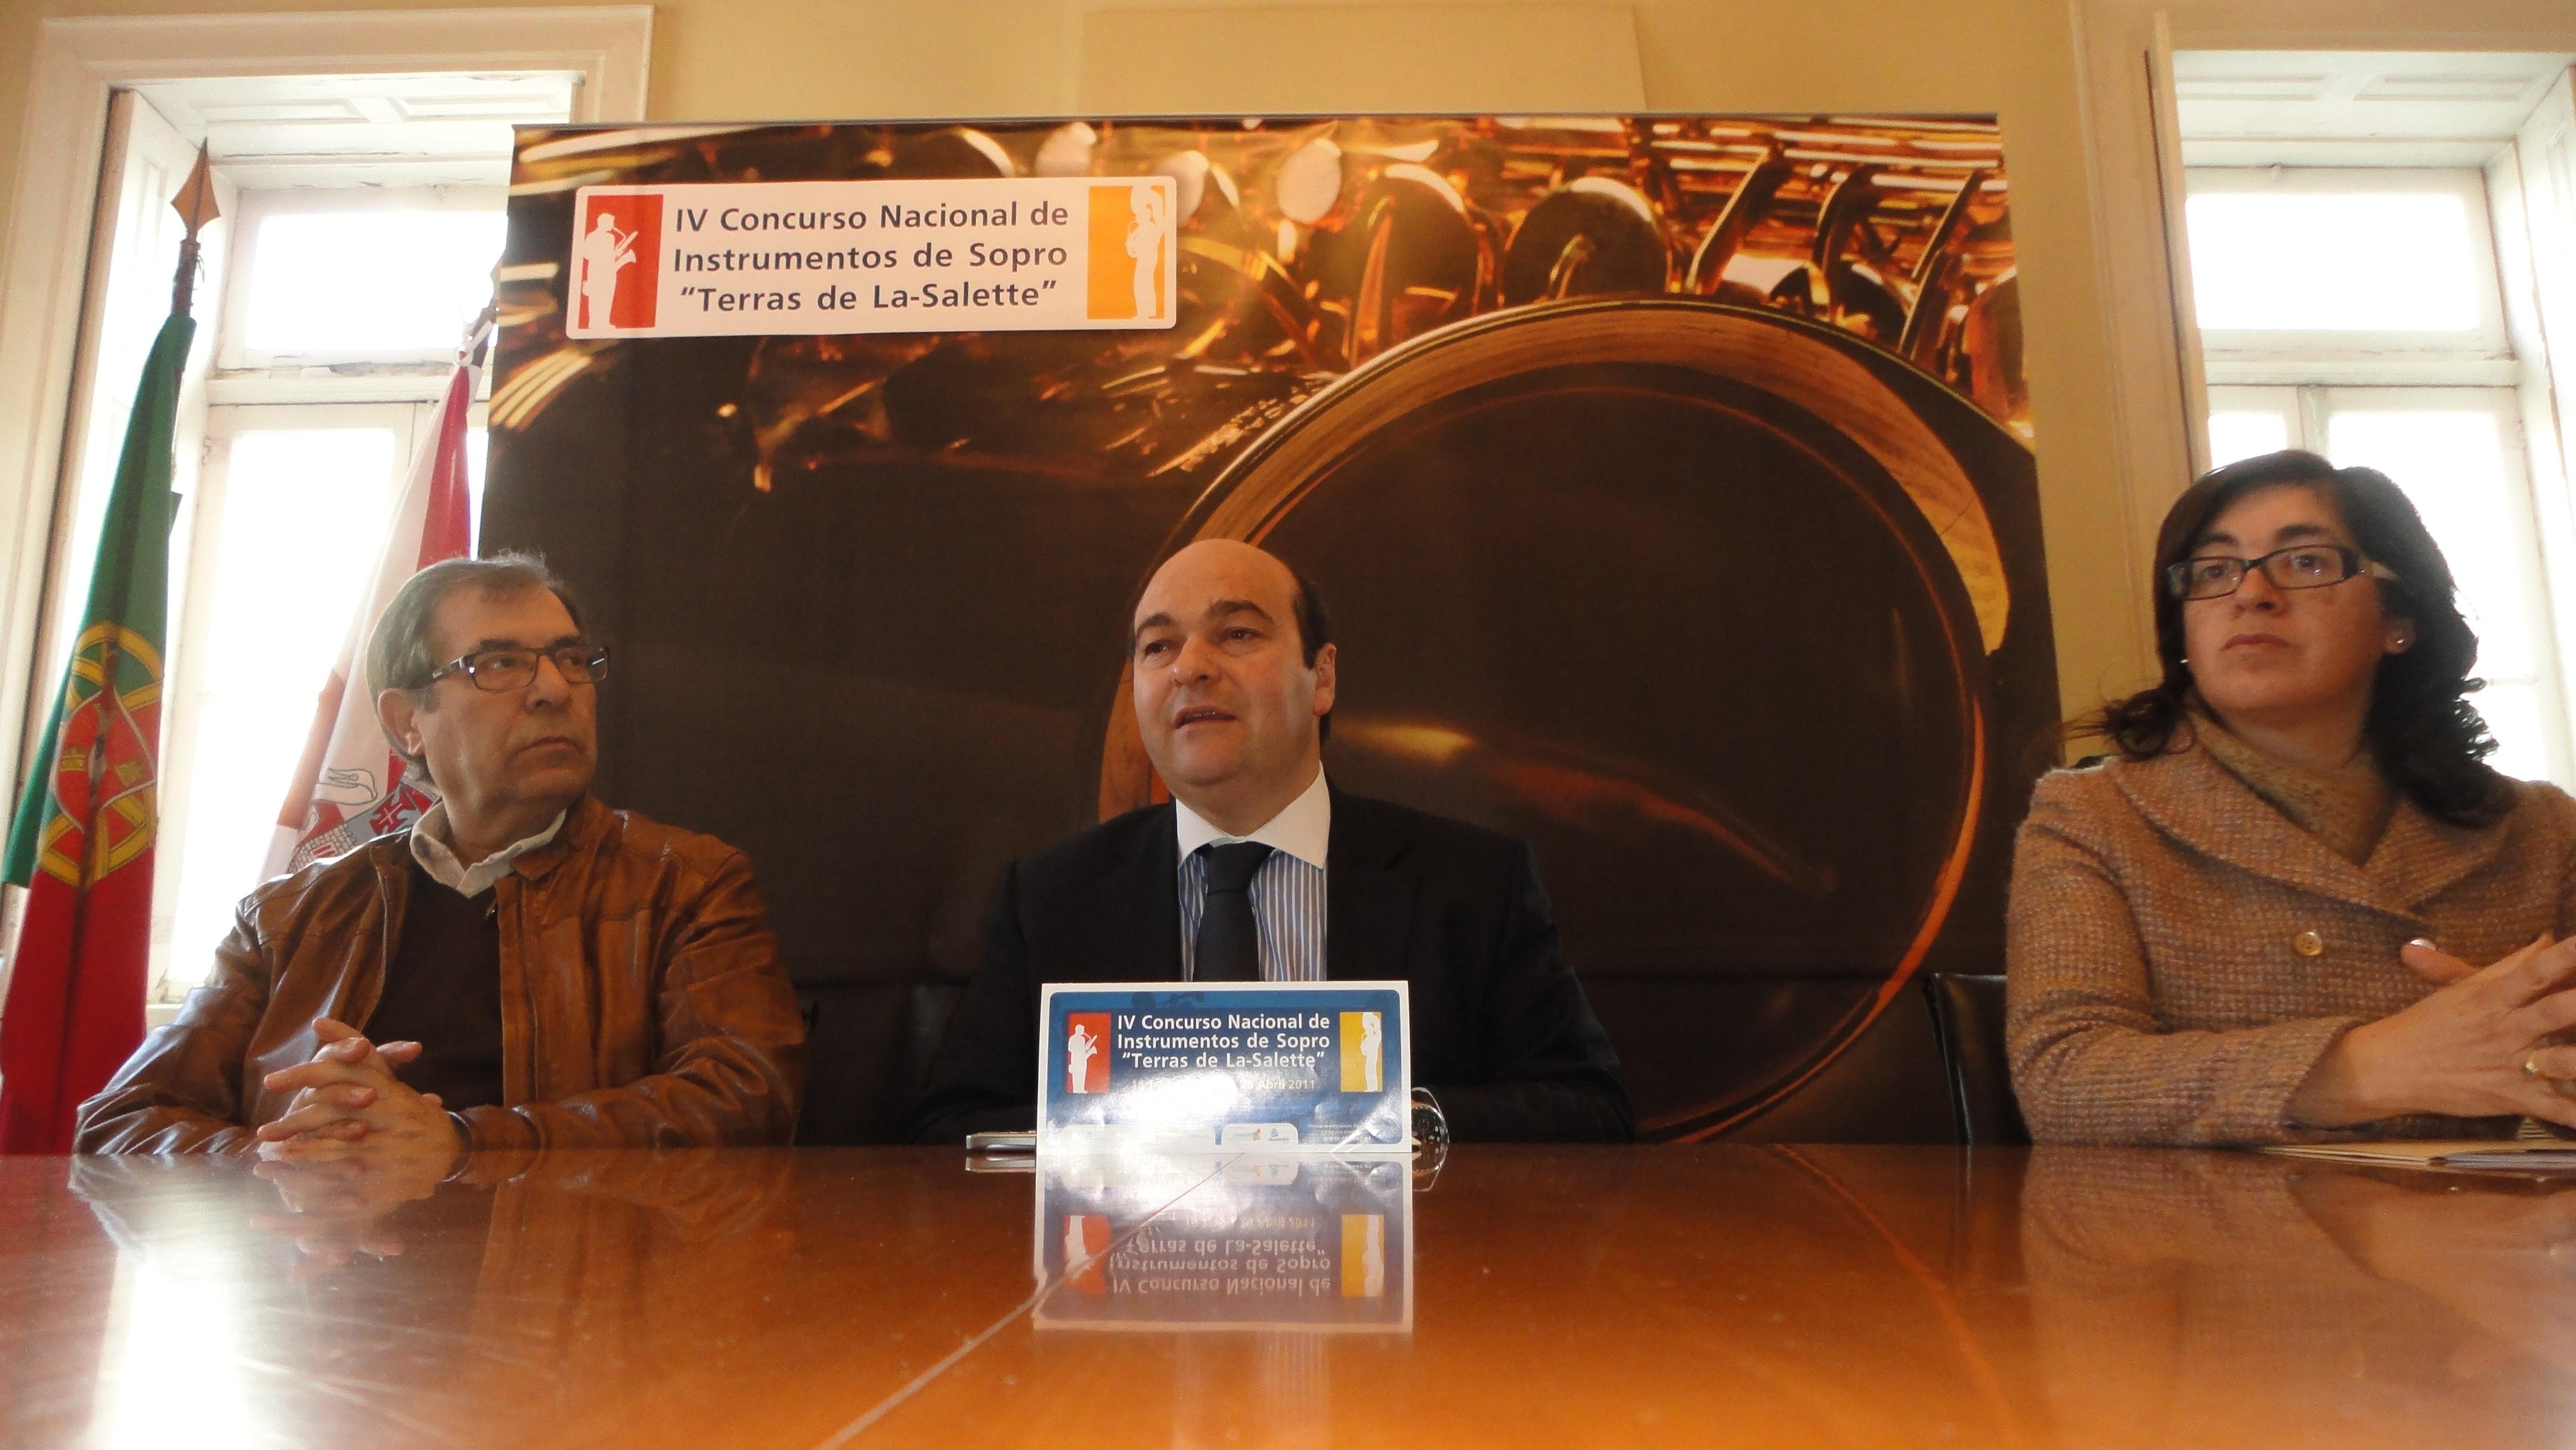 Hermínio Loureiro, presidente da autarquia, Gracinda Leal, vereadora da cultura, e António Grifo, responsável da Federação das Associações do Município de Oliveira de Azeméis, apresentaram os objectivos do concurso nacional de música